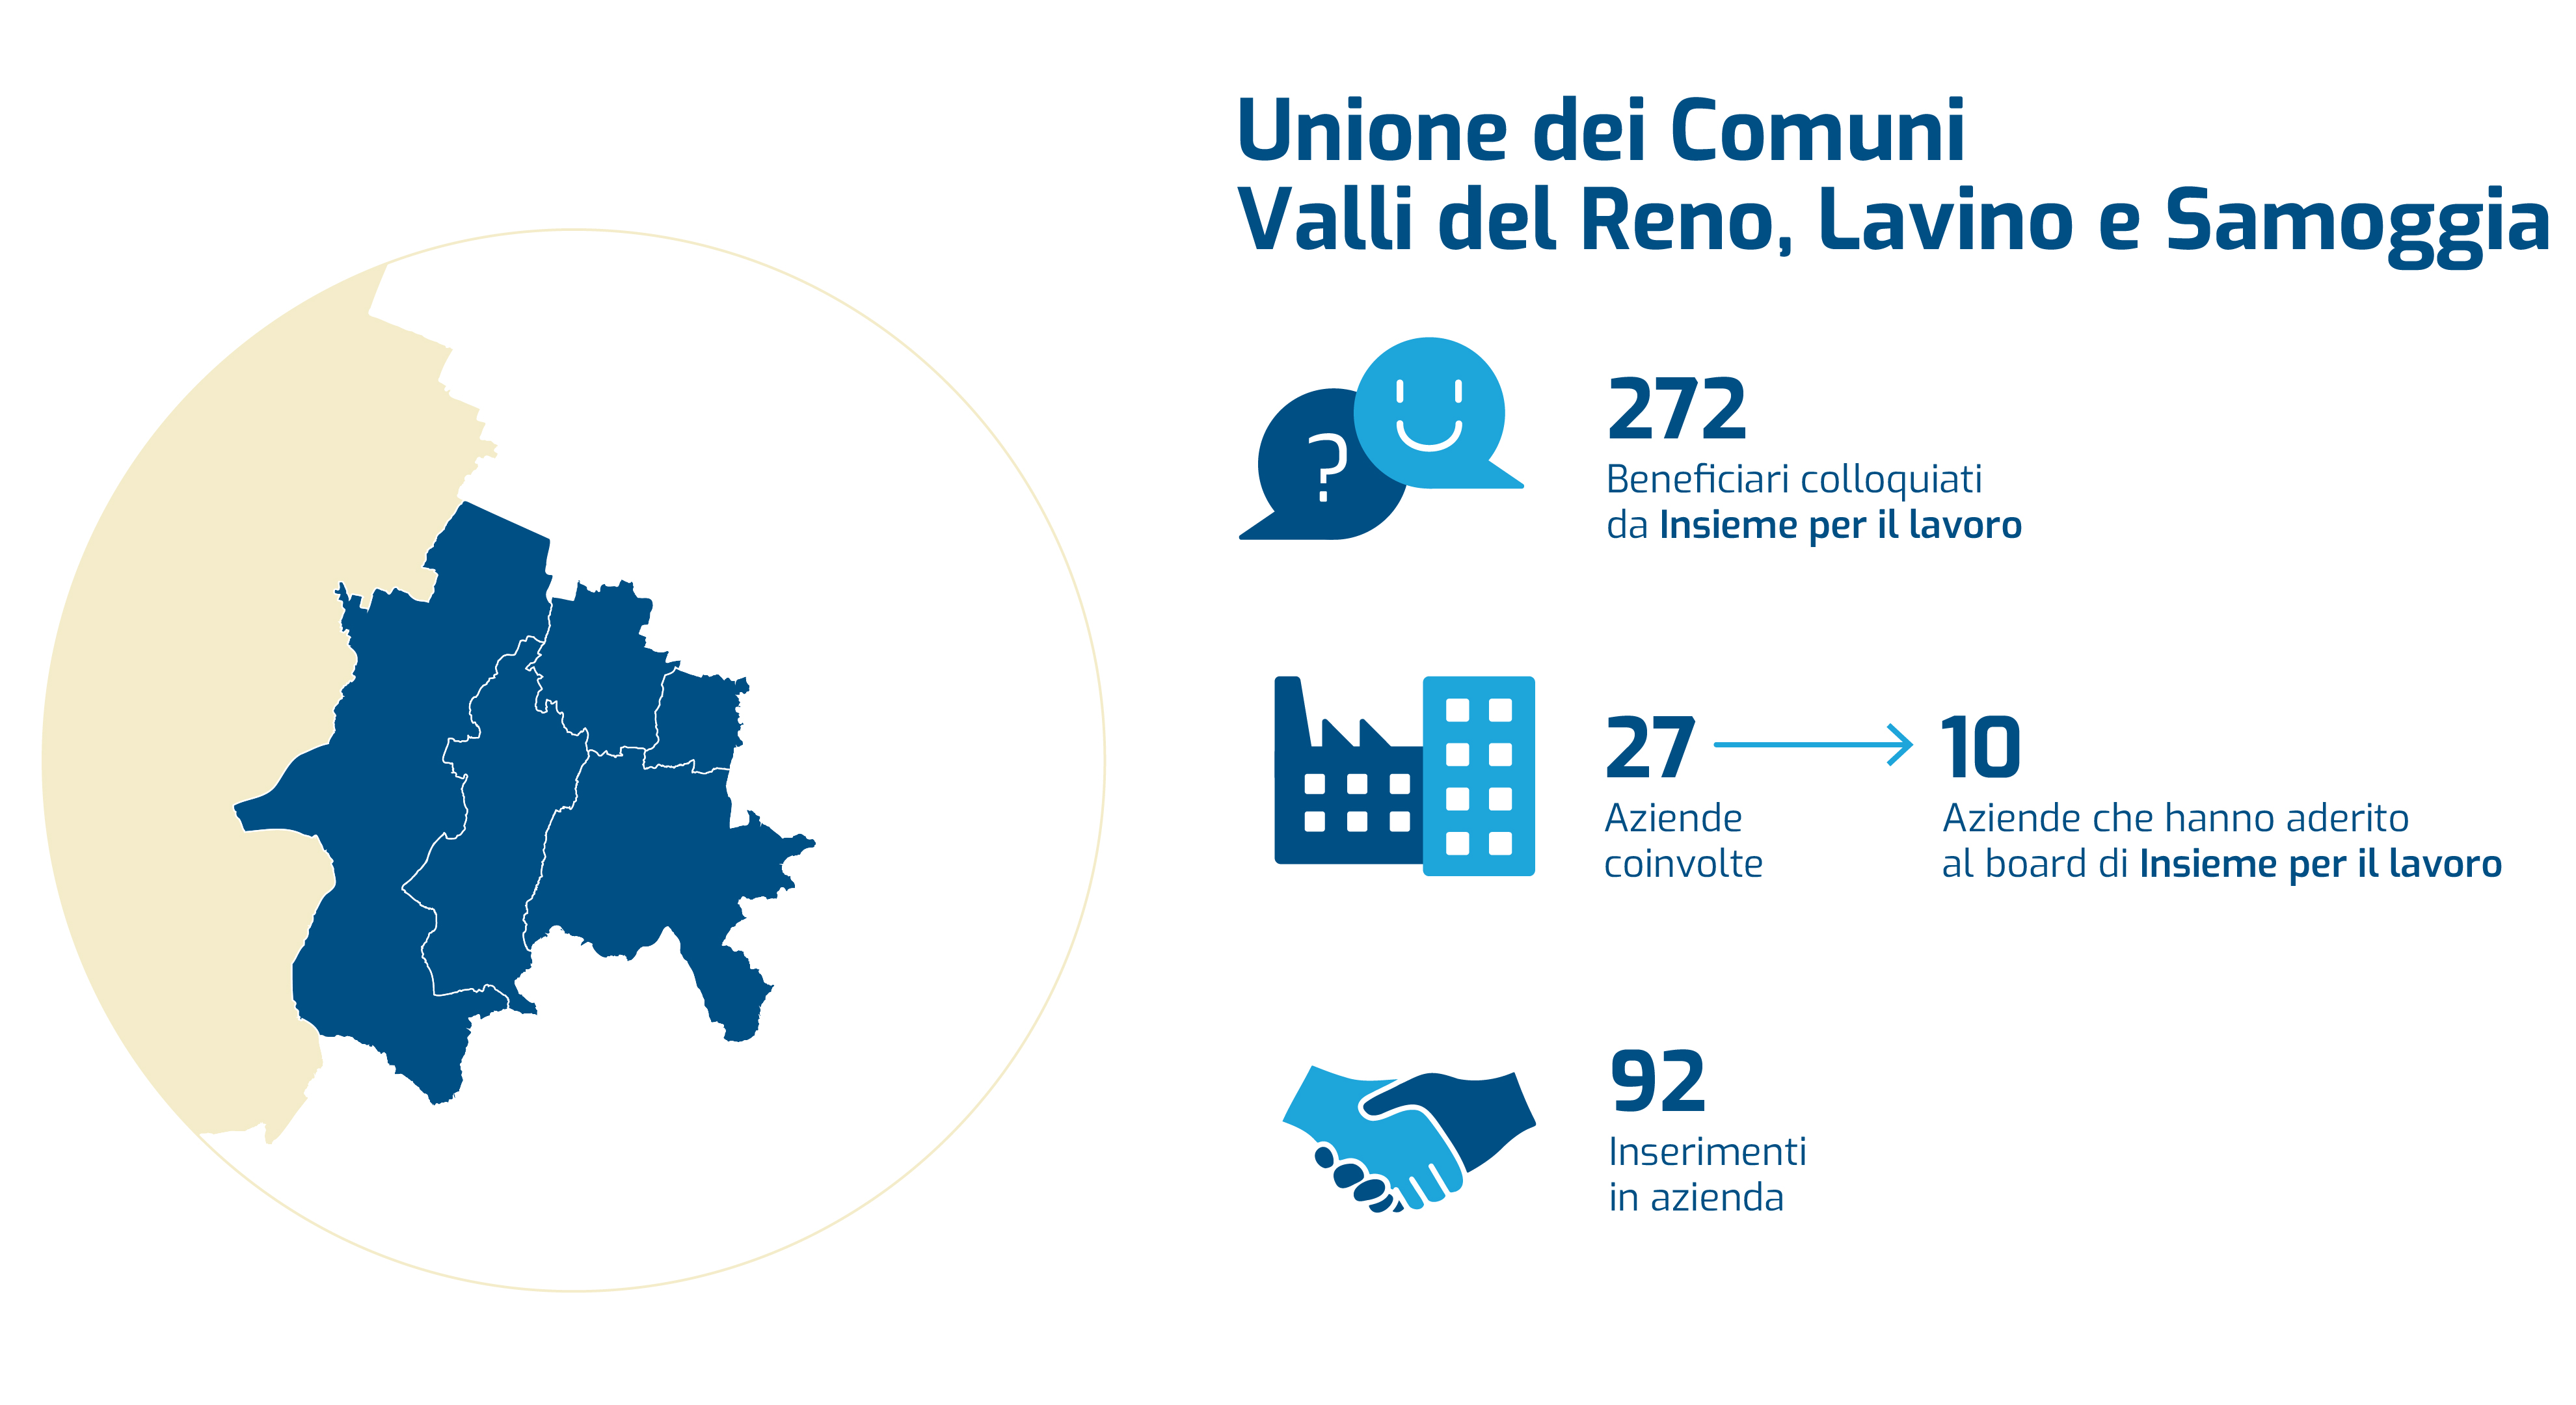 info-grafica Unione dei Comuni Valli del Reno, Lavino e Samoggia